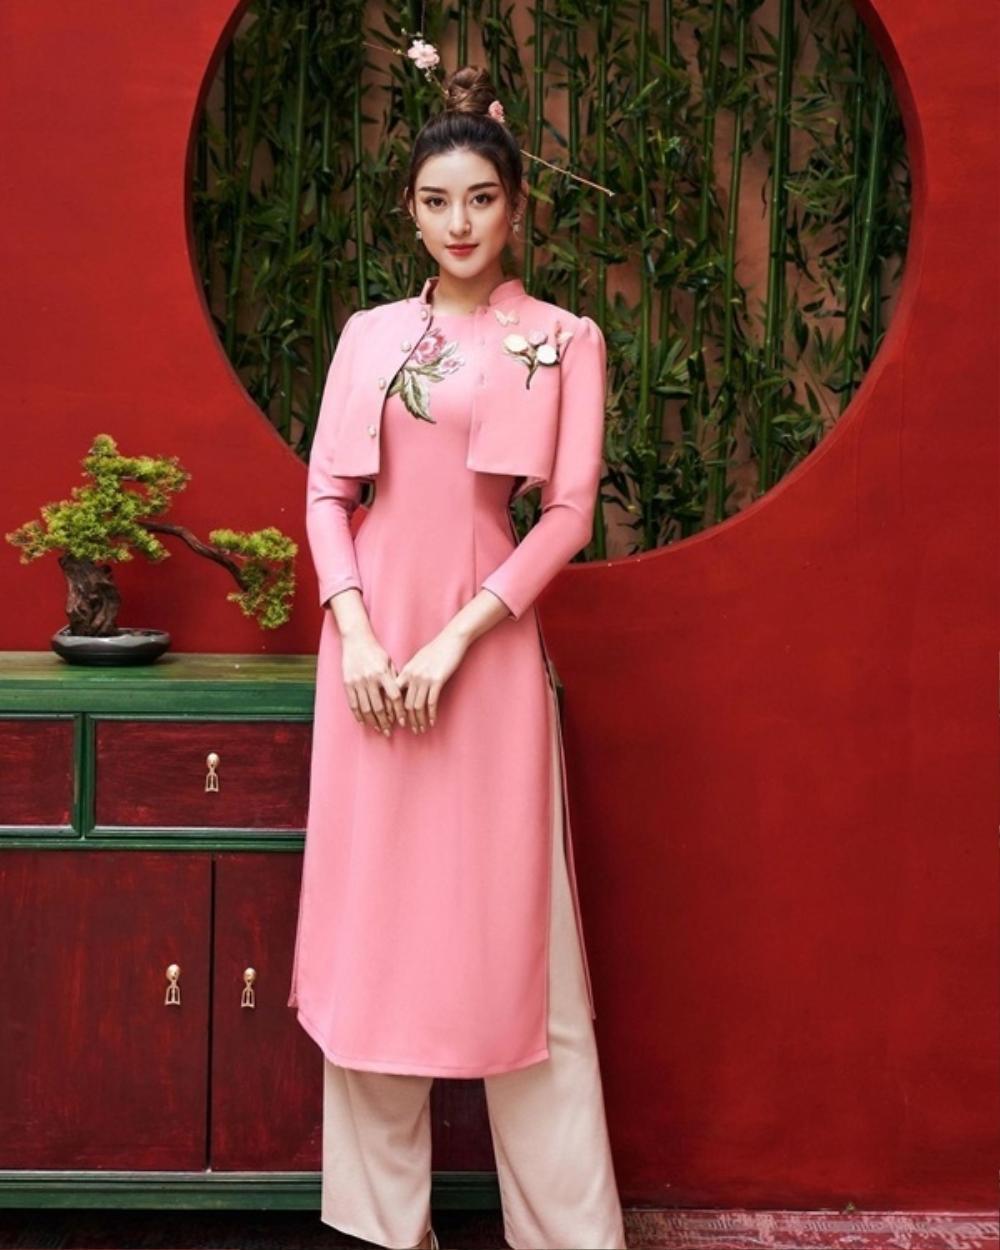 Đỗ Mỹ Linh, Tiểu Vy, Hà Tăng diện áo dài ngọt ngào, gợi ý xu hướng Tết 2021 Ảnh 5